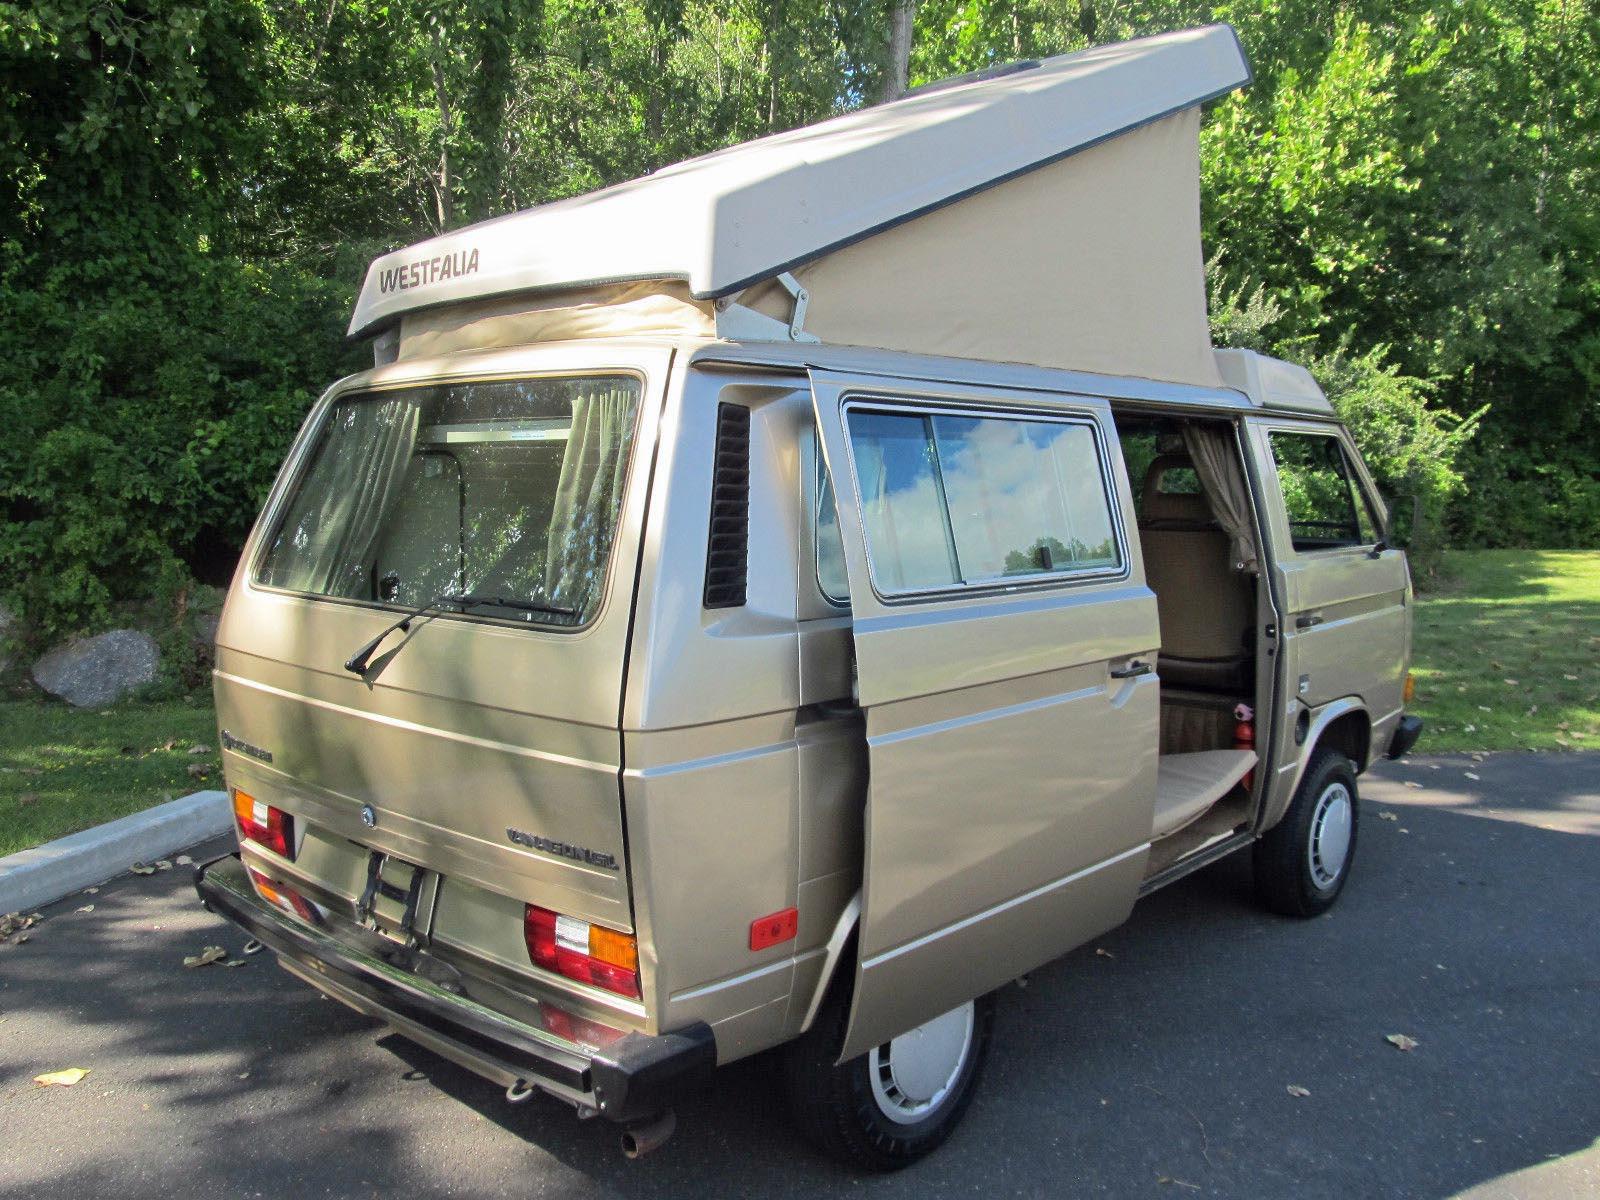 1985 VW Vanagon Westfalia Camper - 65k Original Miles - Auction in Salem, NY